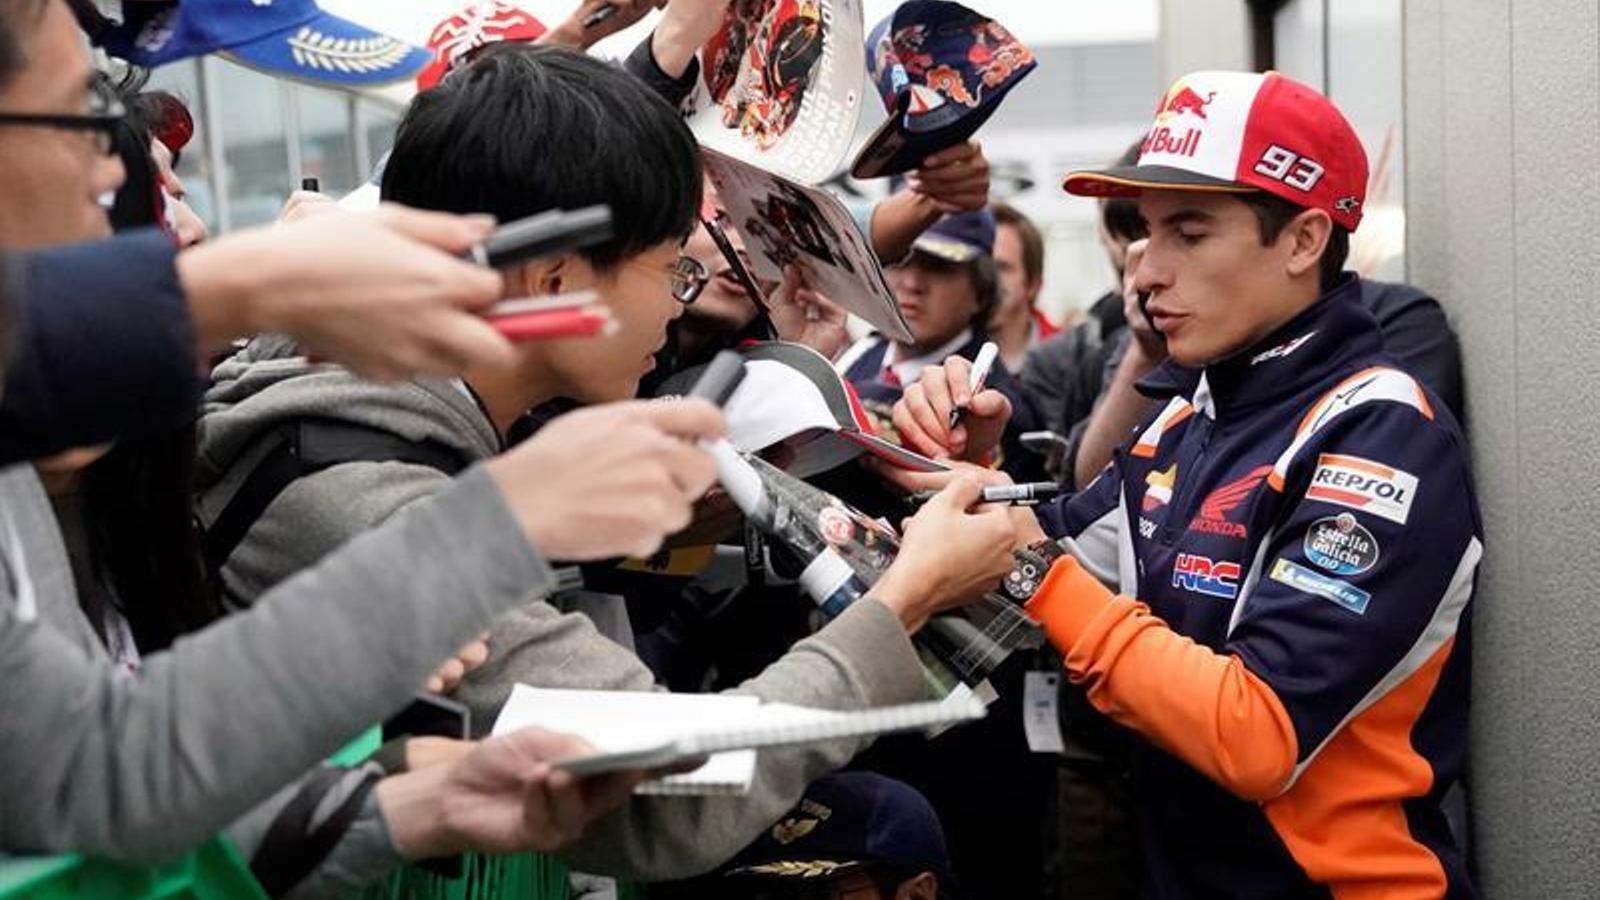 Marc Márquez, signant autògrafs a un grup d'aficionats a Motegi